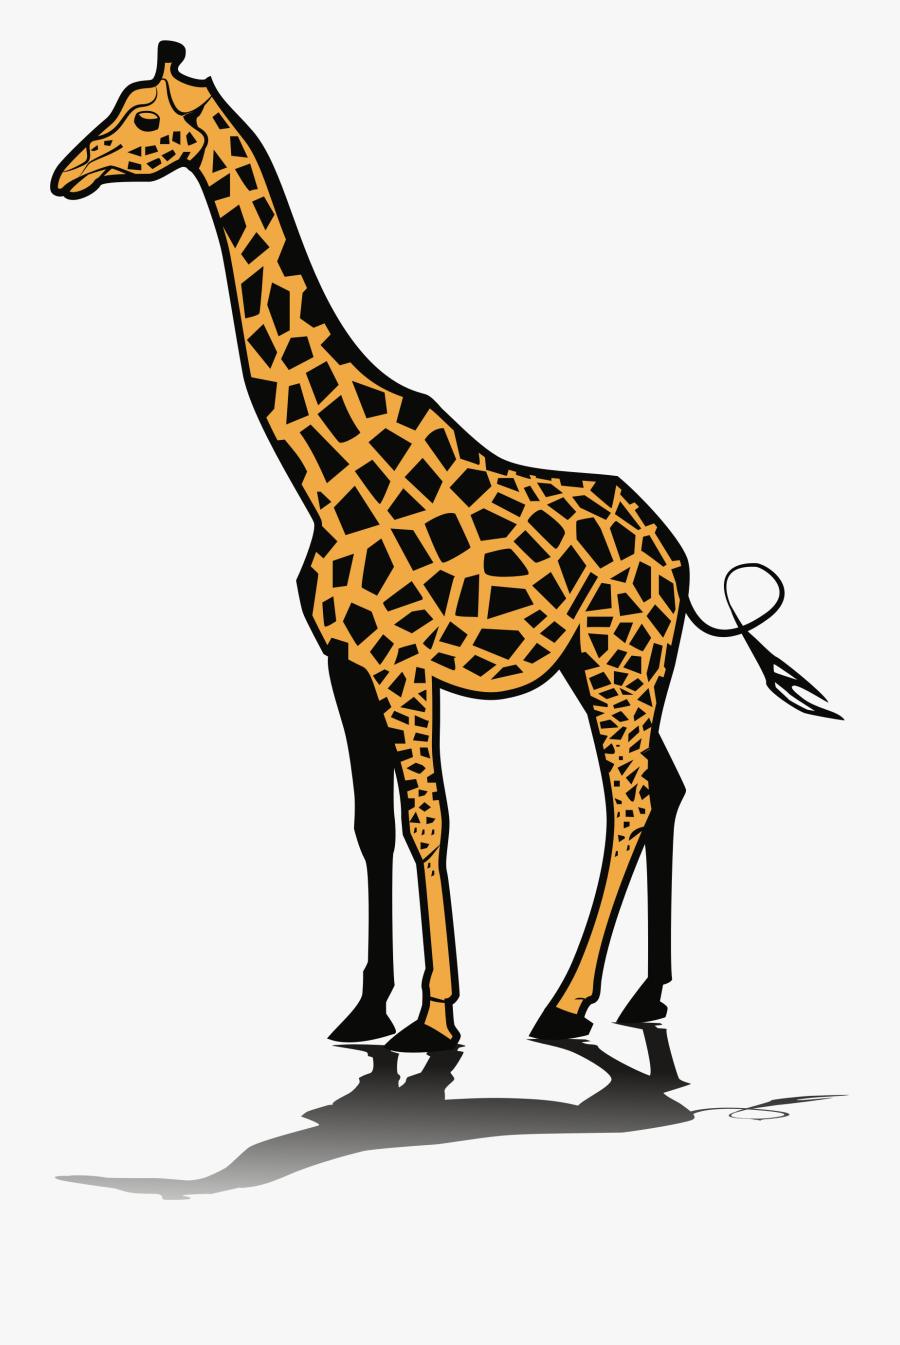 Clipart Giraffe - Clip Art Of Giraffe, Transparent Clipart